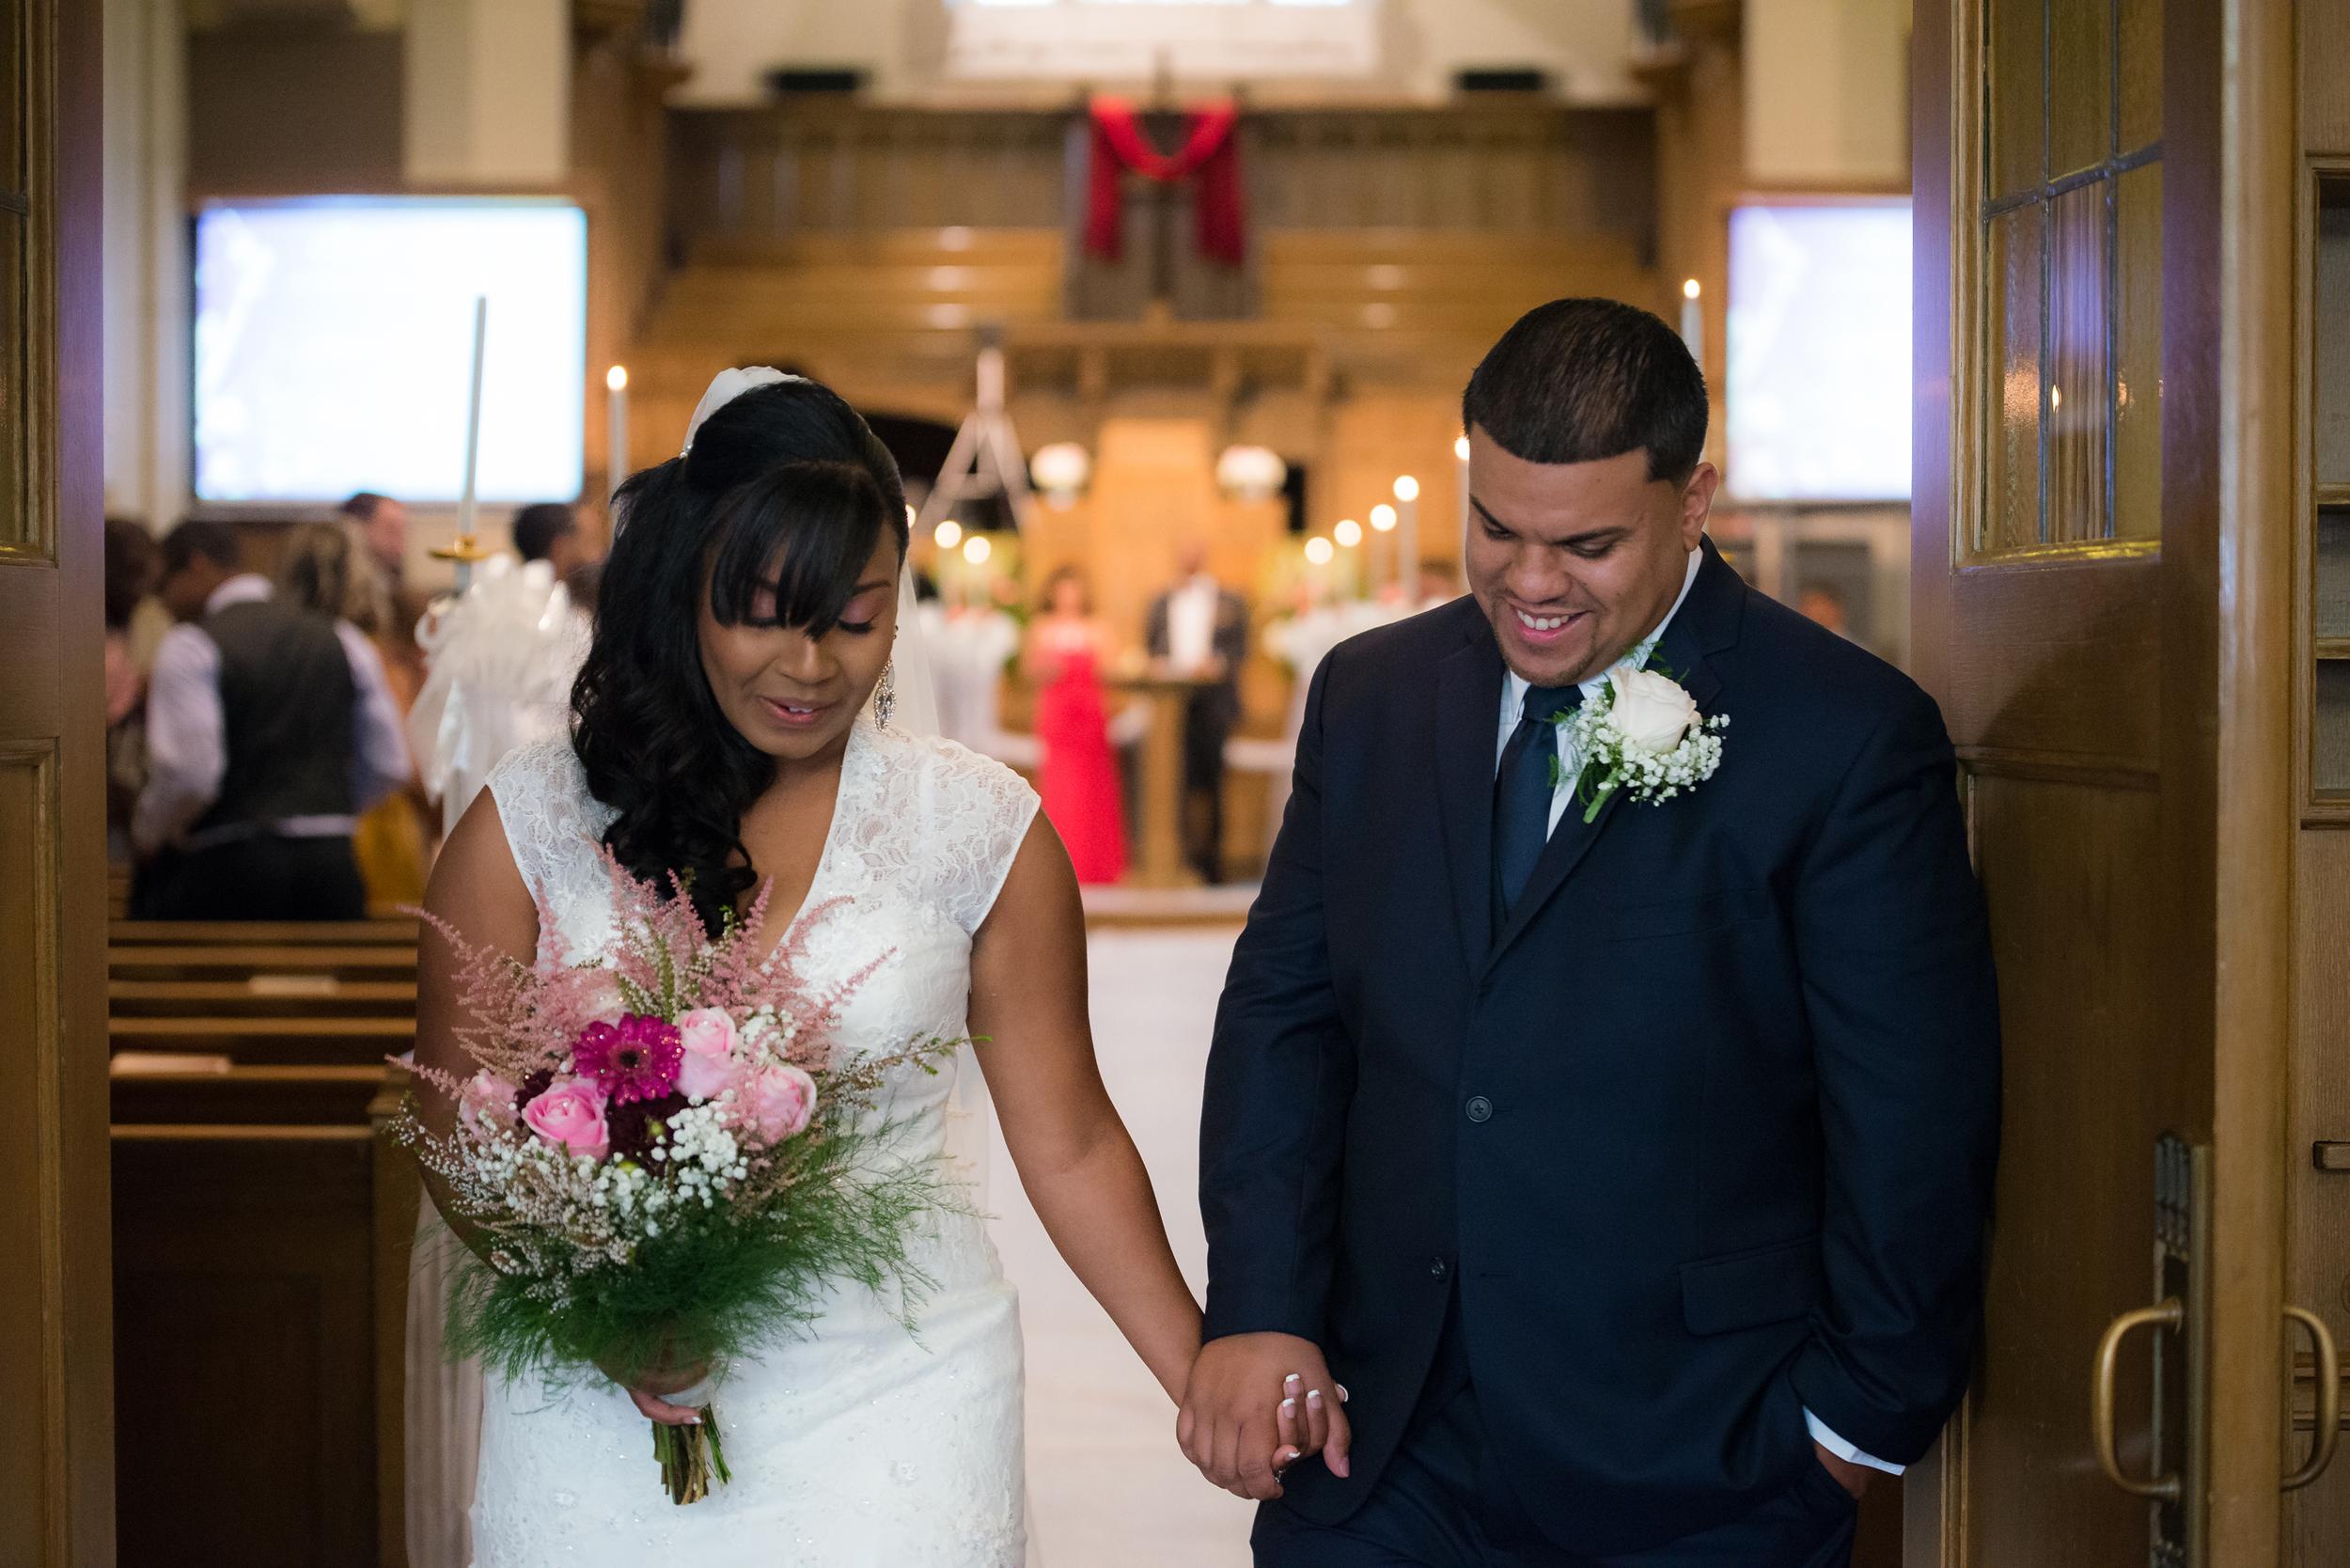 Isela-Josh-Wedding-Garcia-Photography-4185.jpg